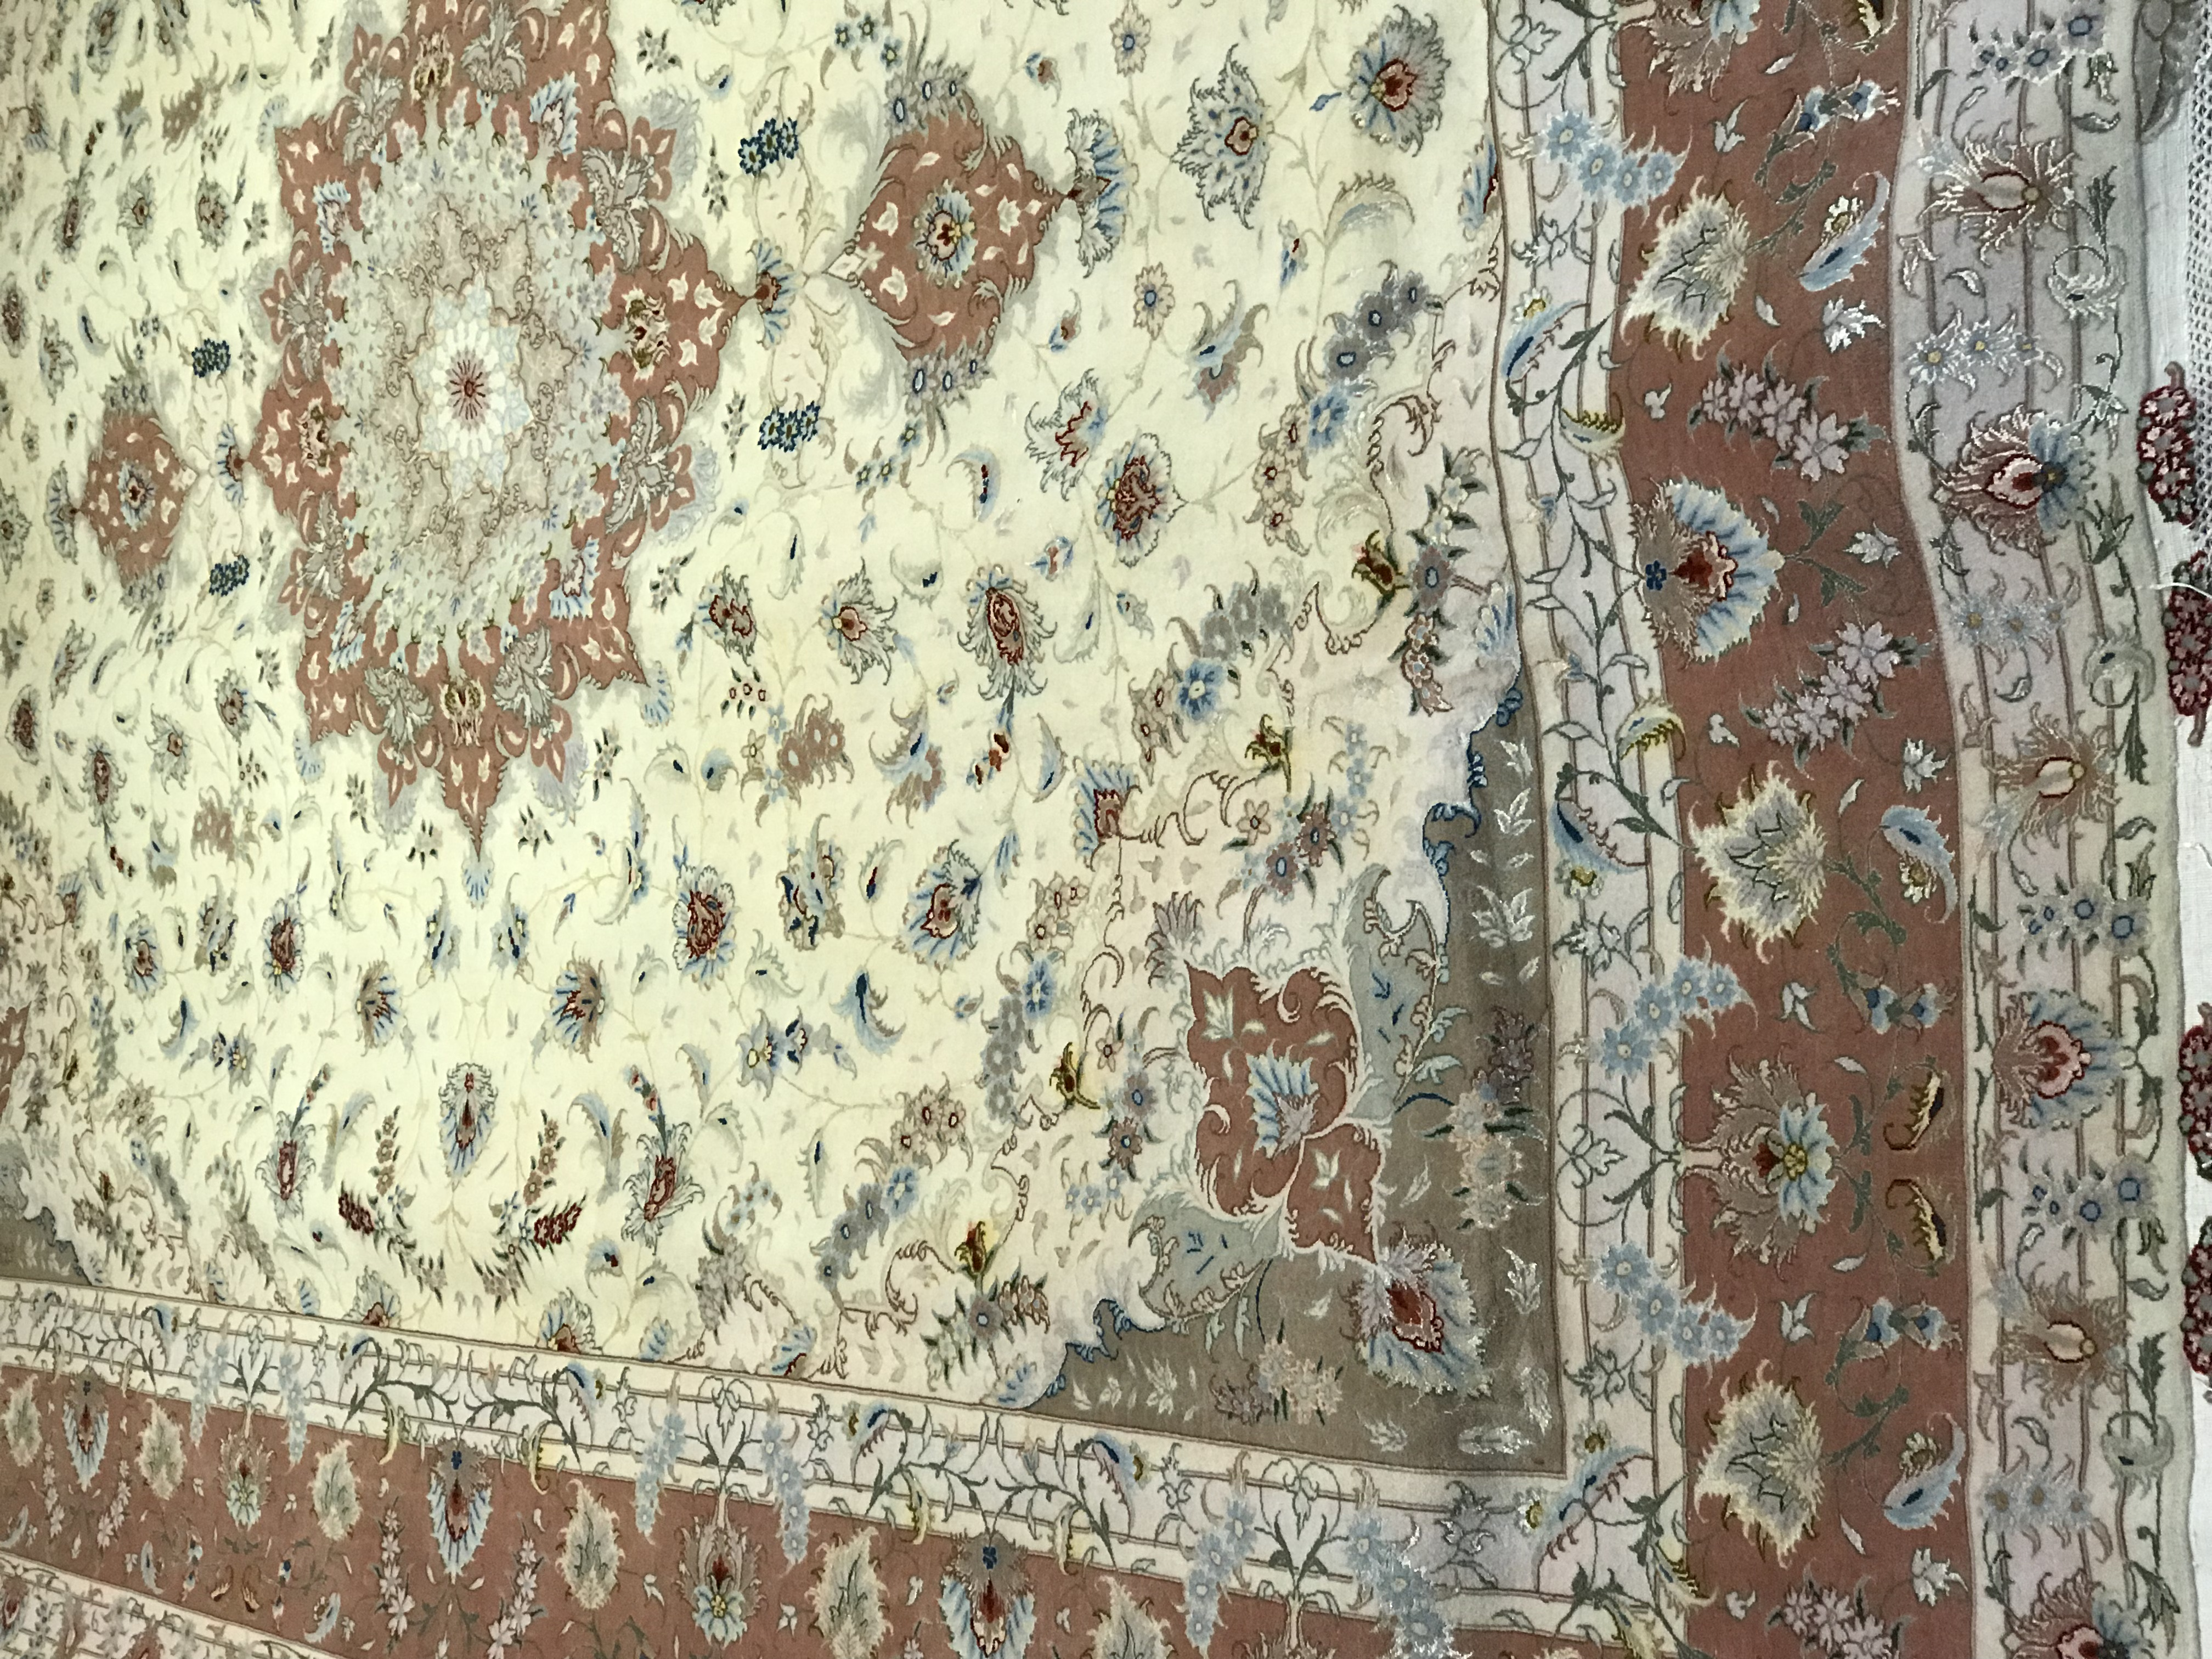 فرش رج ۵۰ چله و گل ابريشم تبريز ۱۲ متر